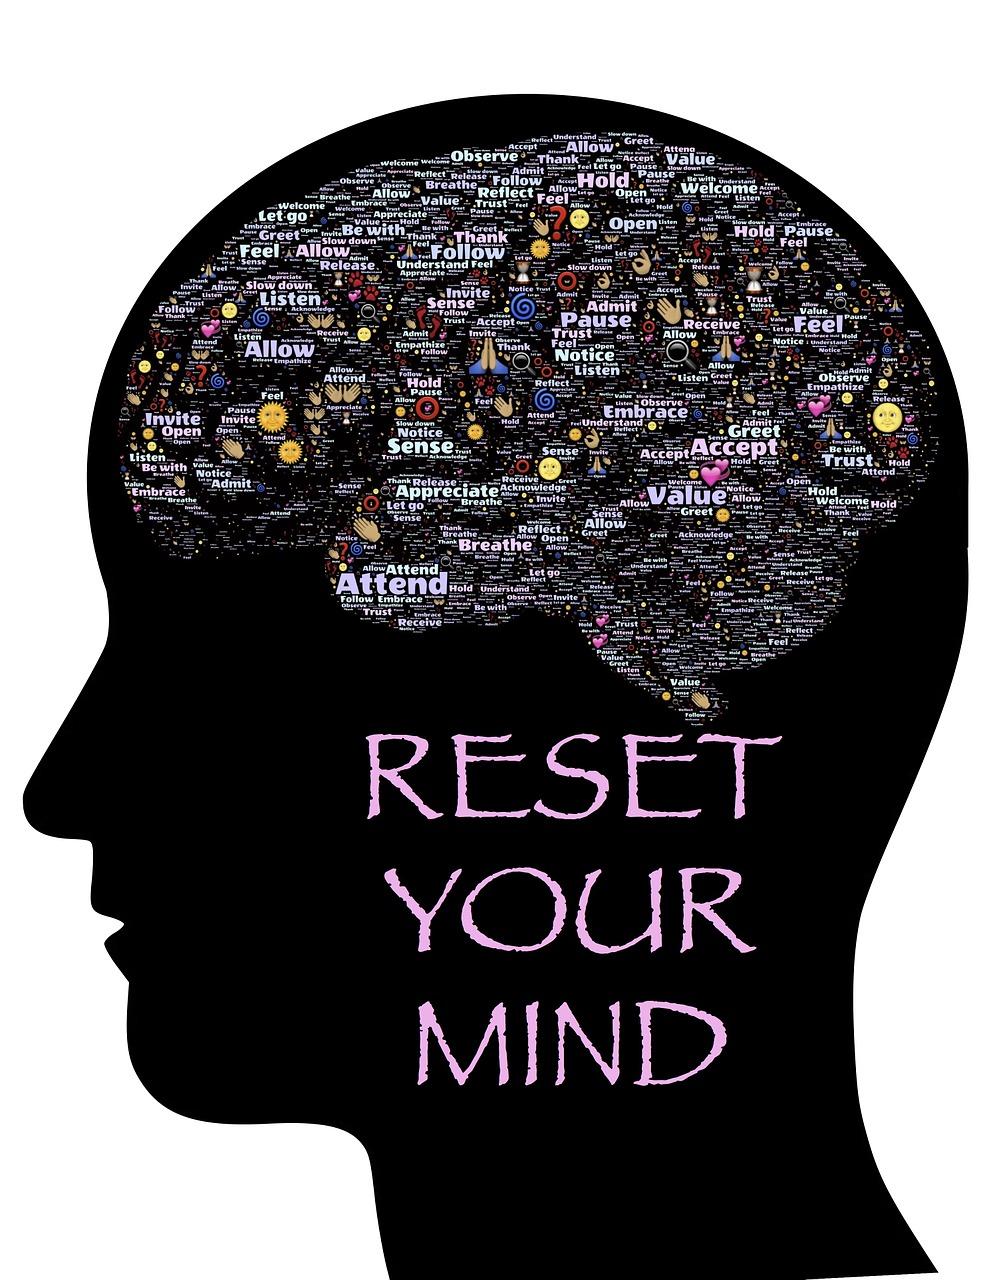 Zuviele Gedanken im Kopf